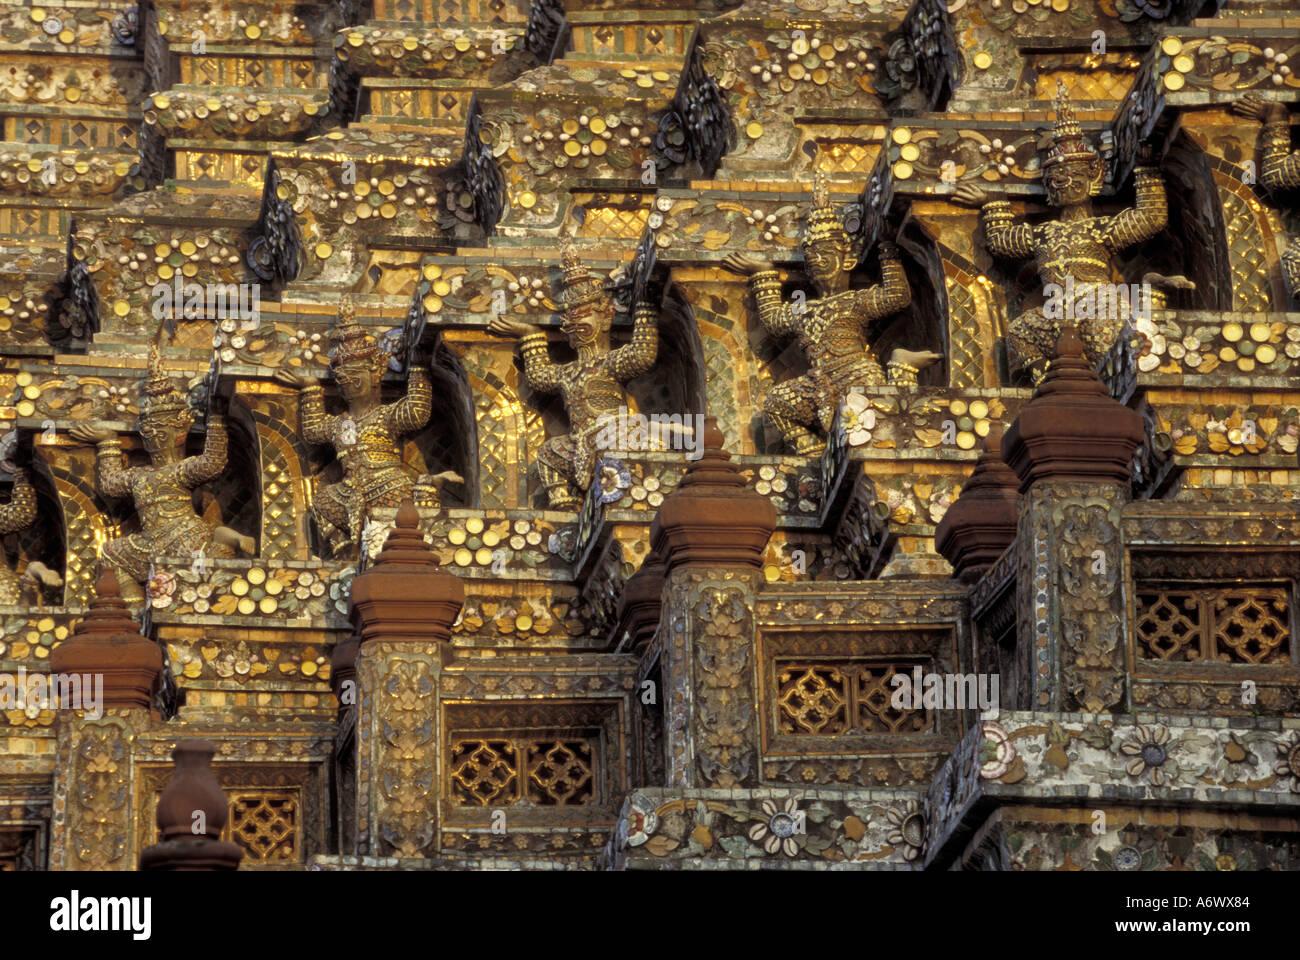 Asia, Thailand, Bangkok, Grand Palace. Statues of yaksa ...